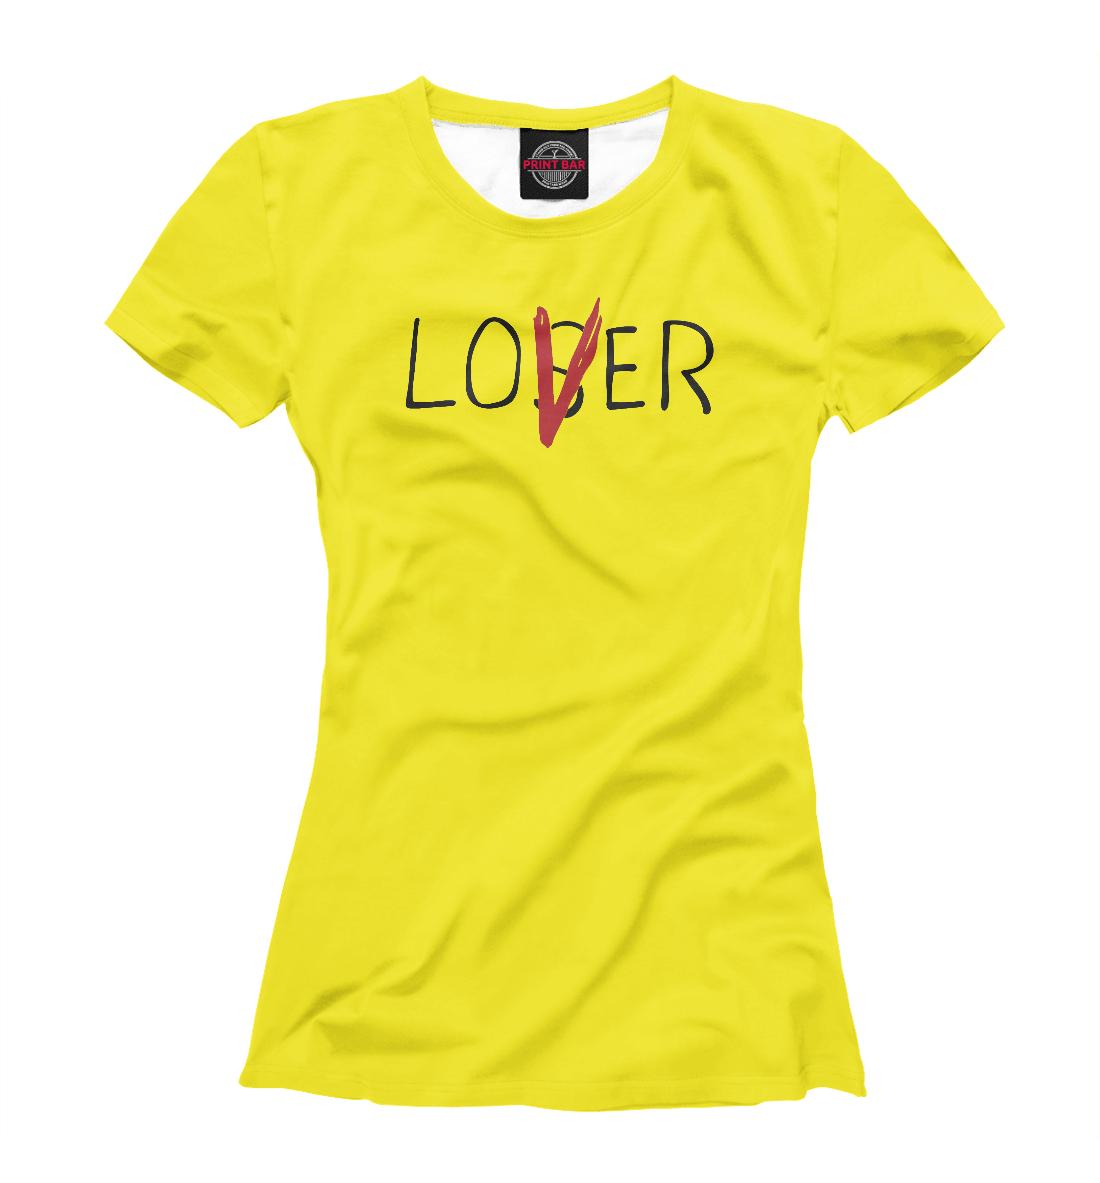 Купить Loser / Lover Оно, Printbar, Футболки, ONO-769901-fut-1